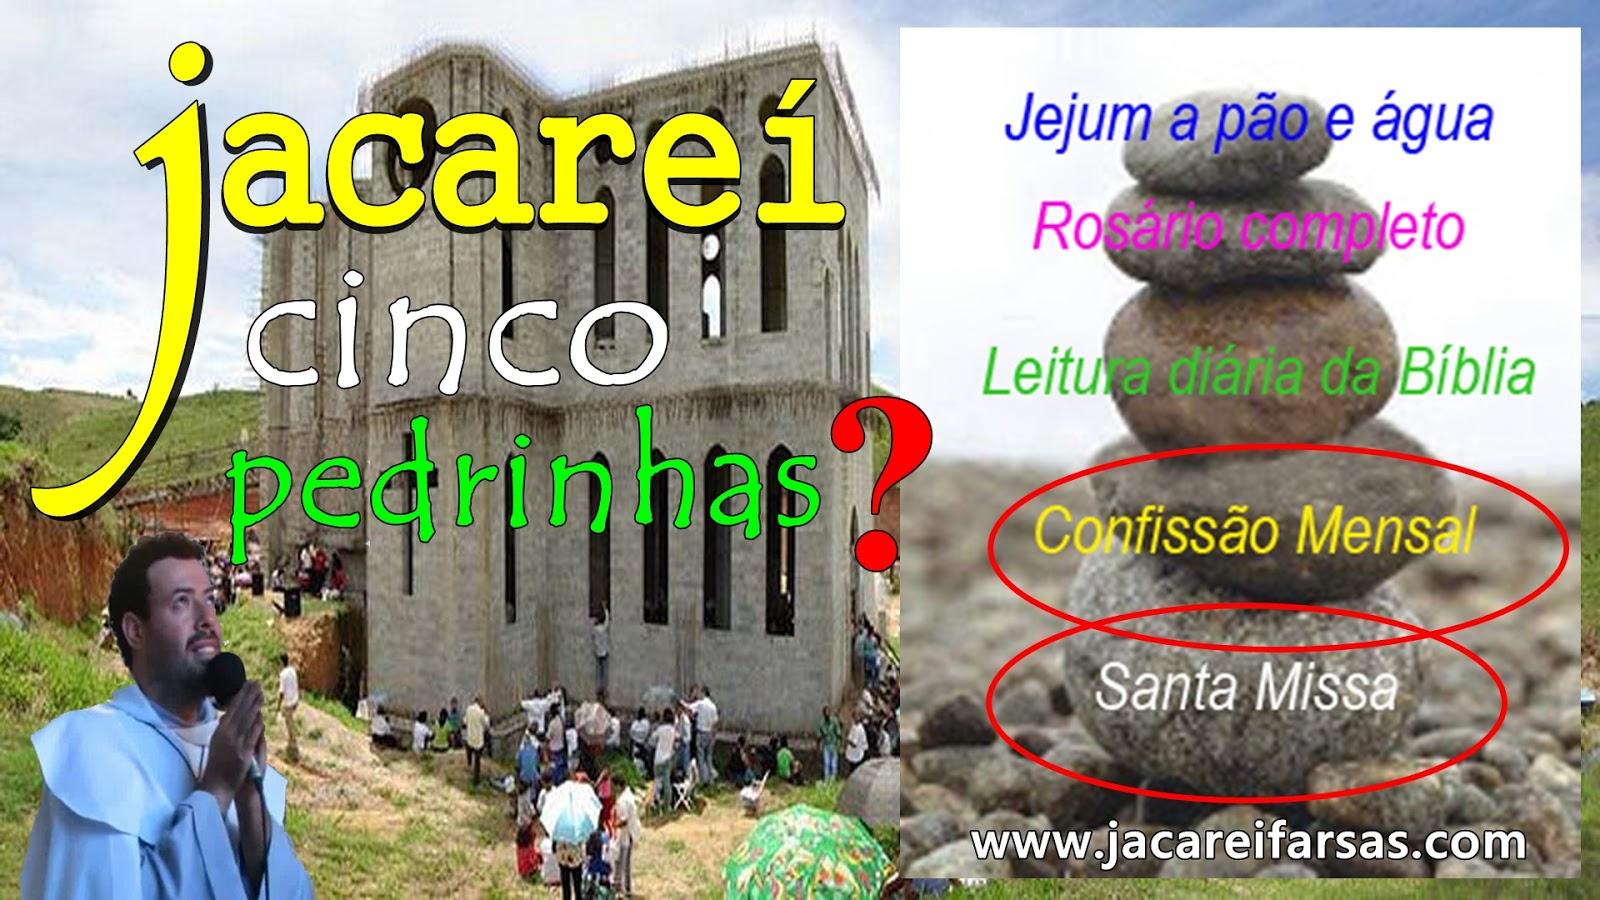 santuario das aparições de jacareí jacareí - sp, marcos tadeu, procissão - photoshop